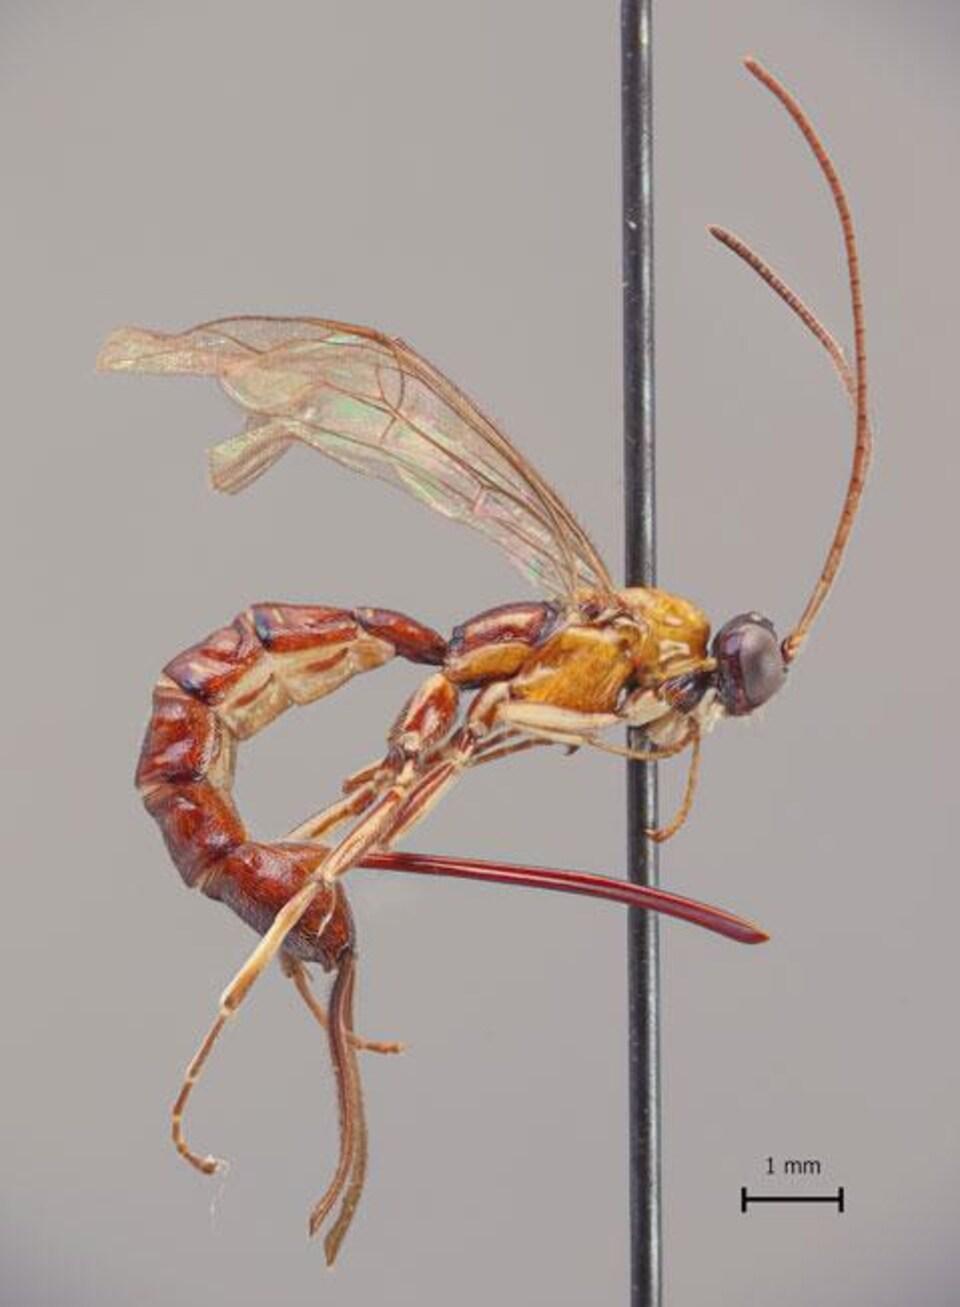 Un spécimen de la Clistopyga crassicaudata.